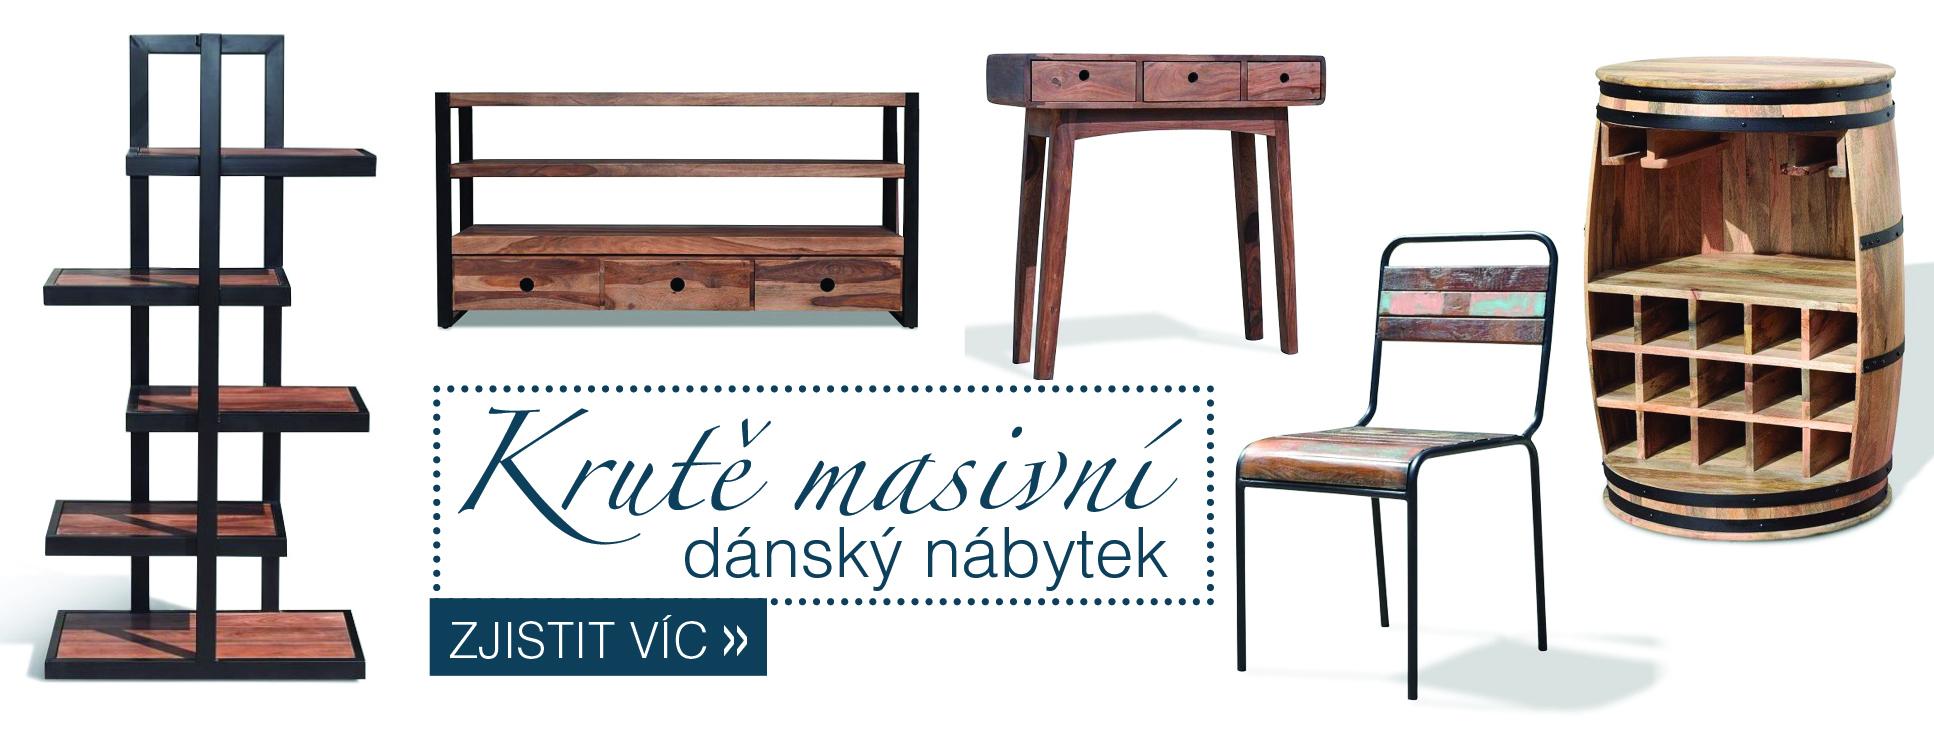 Masivní dánský nábytek